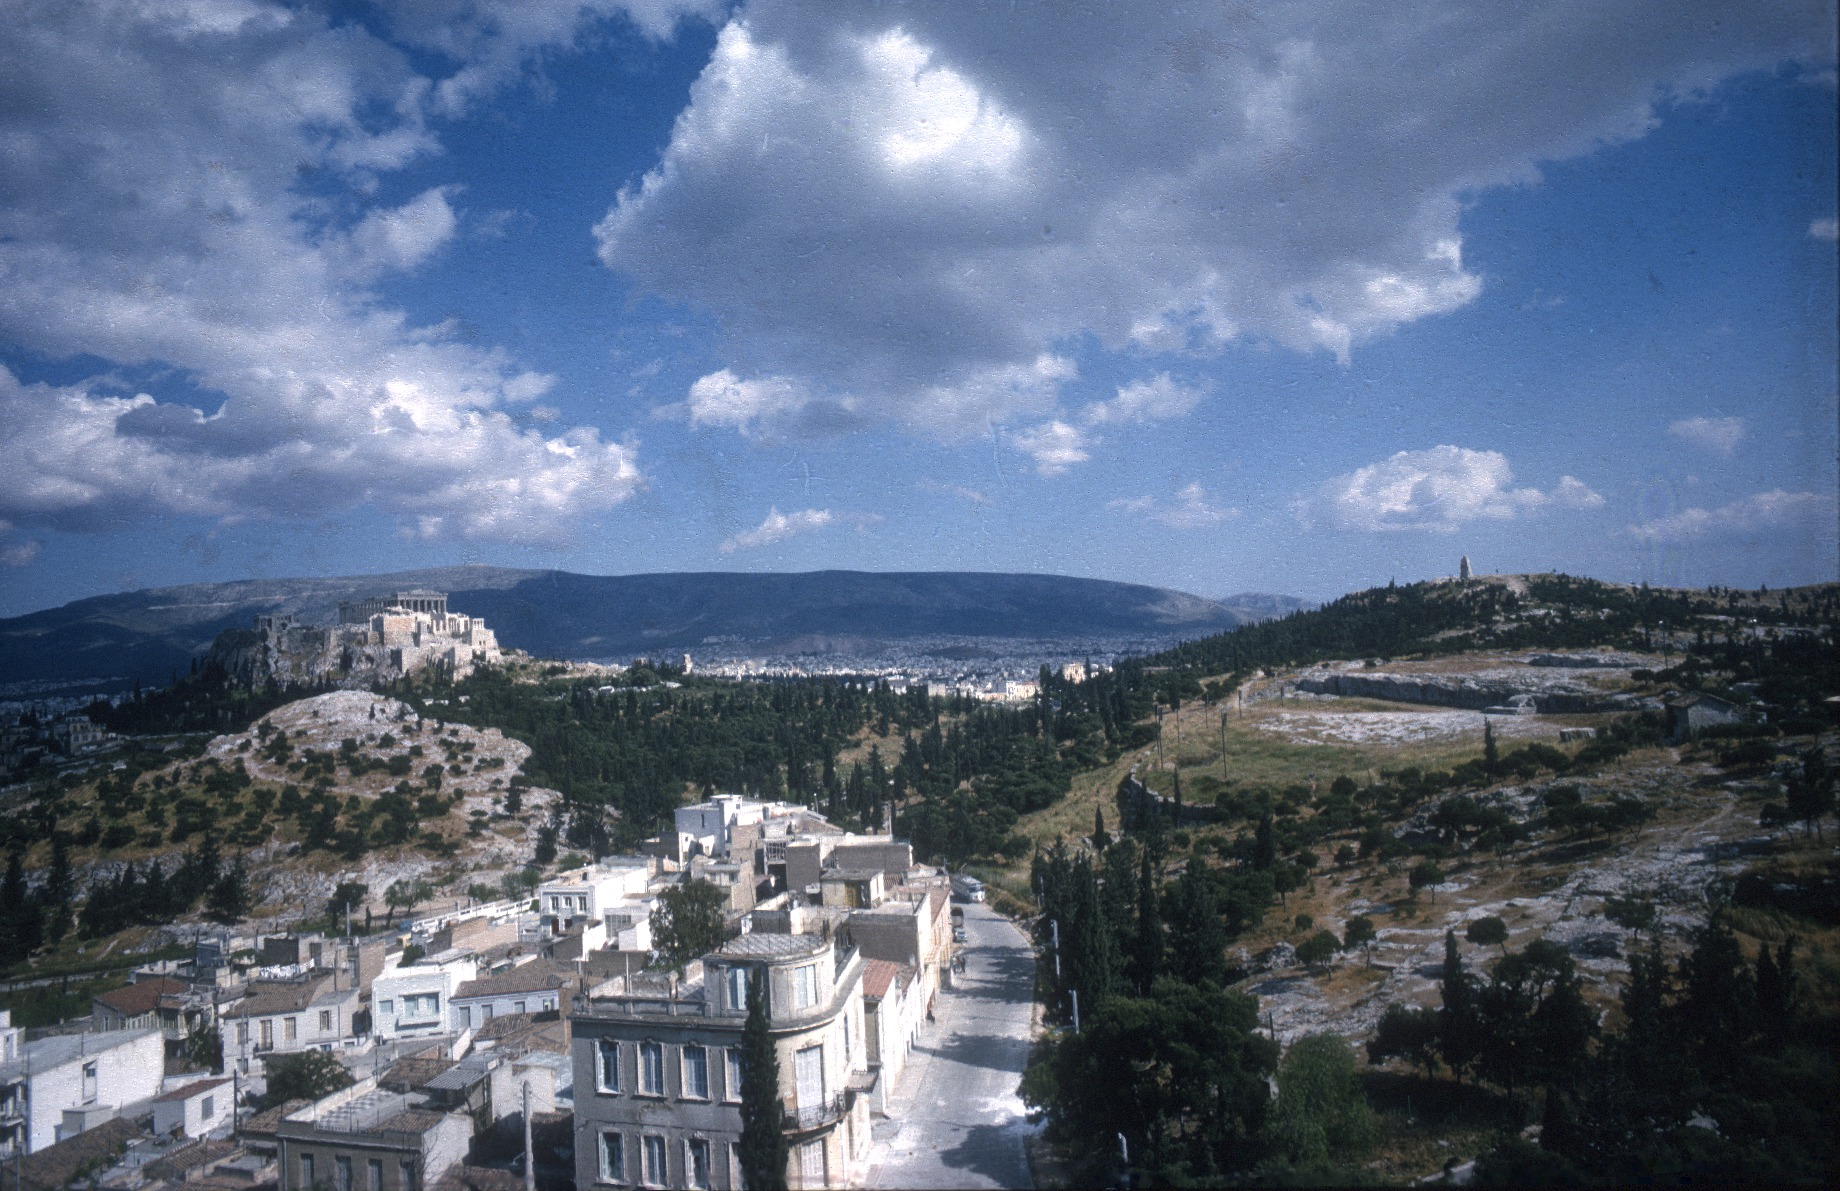 Με το δενδροφύτεμα, ο γκρίζος ασβεστόλιθος των βράχων έχασε την πρωτοκαθεδρία του στο τοπίο (Αμερικανική Σχολή Κλασικών Σπουδών στην Αθήνα, Φωτογραφικό Αρχείο των Ανασκαφών Αρχαίας Αγοράς, 2004.01.0400 [HAT 64-169]).